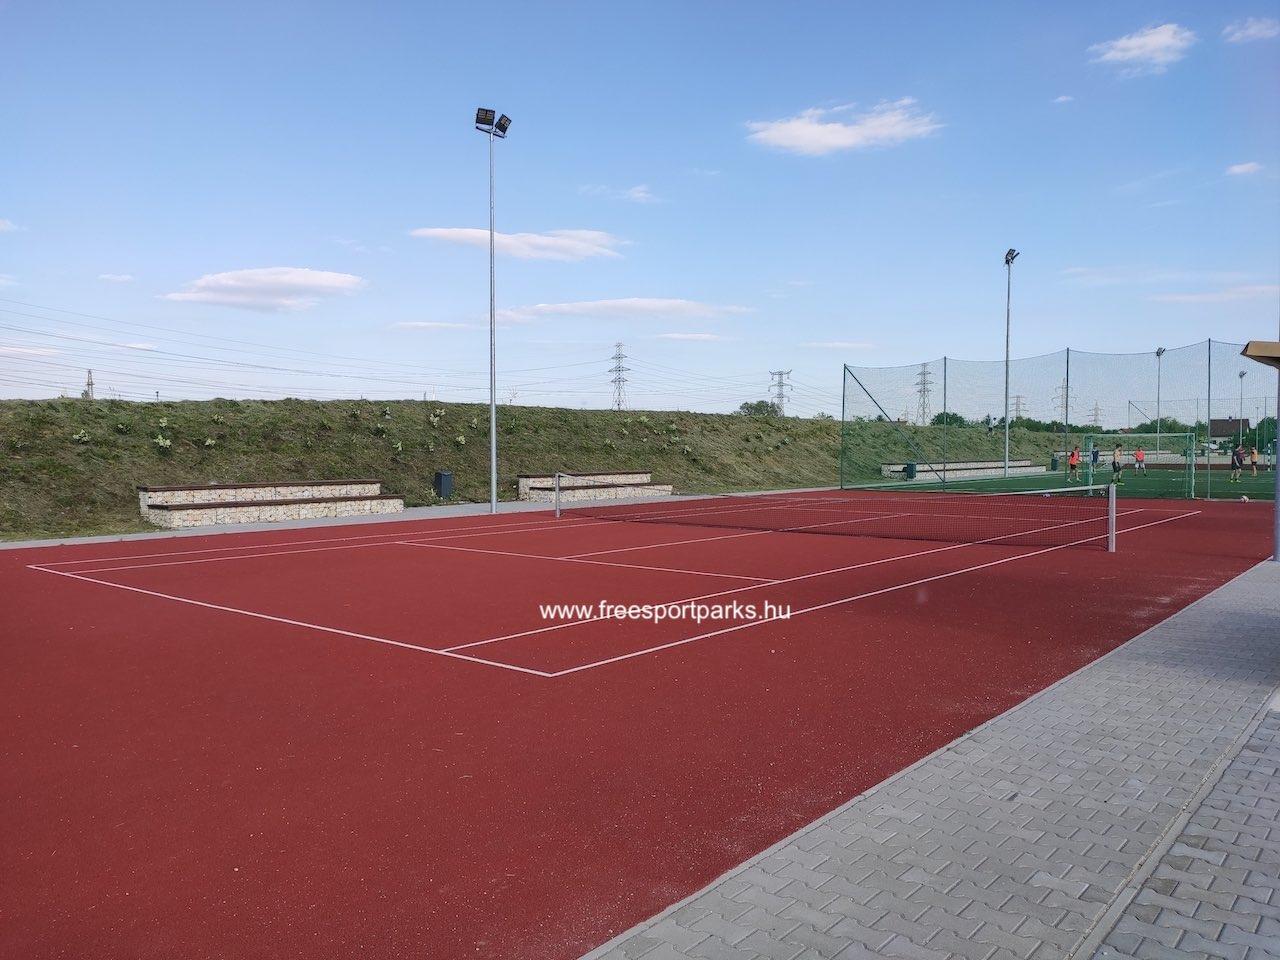 teniszpálya - Érd szabadidőpark - Free Sport Parks térkép